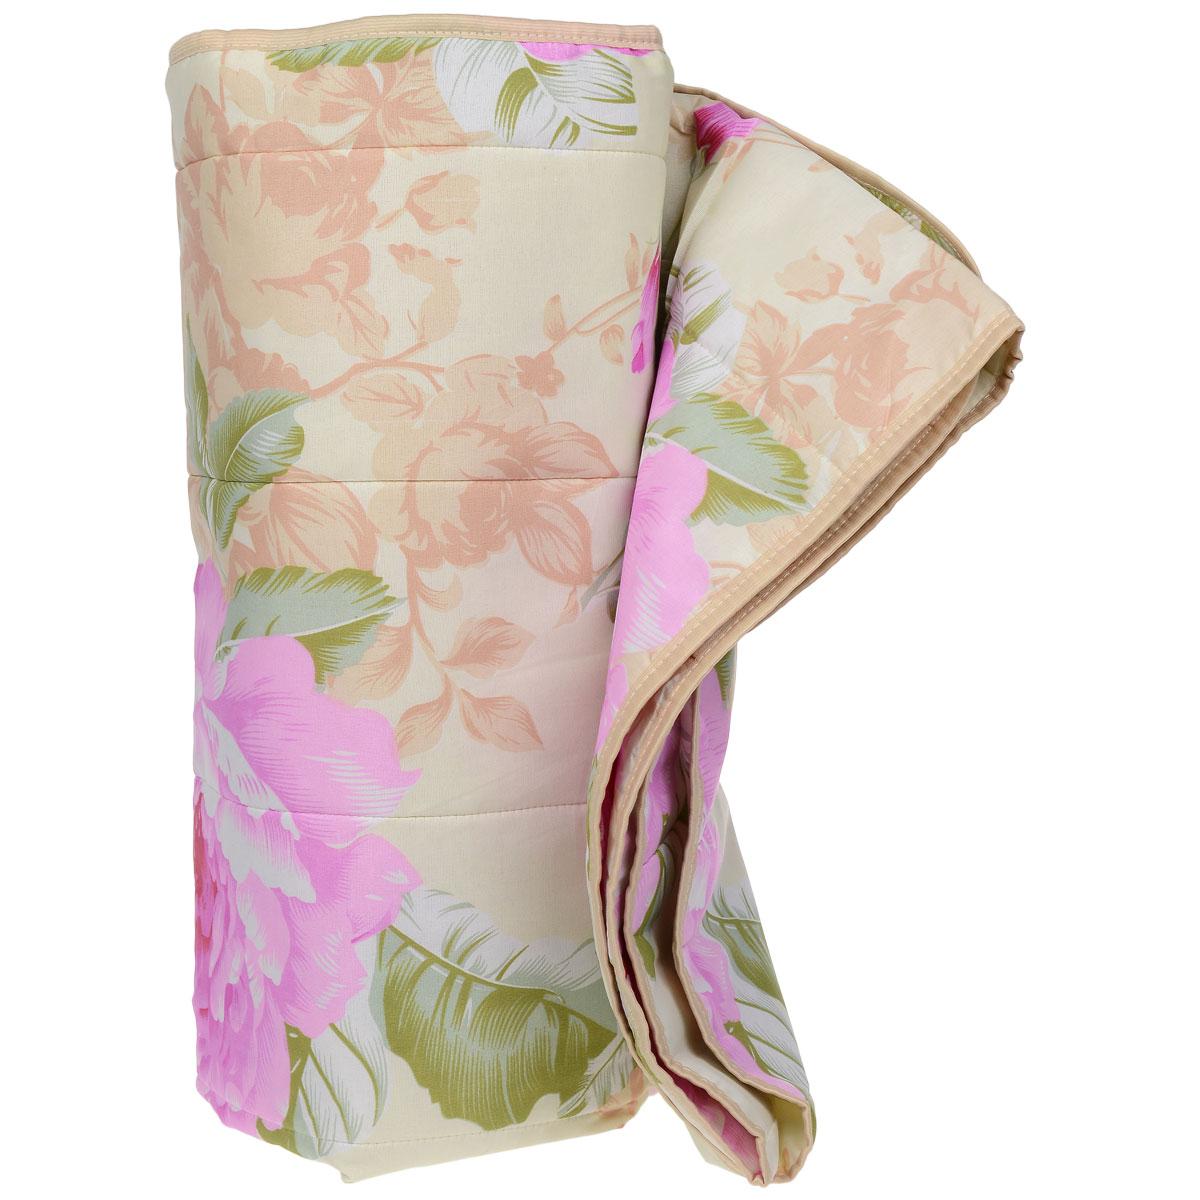 Одеяло летнее OL-Tex Miotex, наполнитель: полиэфирное волокно Holfiteks, цвет: зеленый, розовый, 172 х 205 смМХПЭ-18-1 бежевый, цветыЛегкое летнее одеяло OL-Tex Miotex создаст комфорт и уют во время сна. Чехол выполнен из полиэстера и оформлен красочным цветочным рисунком. Внутри - современный наполнитель из полиэфирного высокосиликонизированного волокна Holfiteks, упругий и качественный. Прекрасно держит тепло. Одеяло с наполнителем Holfiteks легкое и комфортное. Даже после многократных стирок не теряет свою форму, наполнитель не сбивается, так как одеяло простегано и окантовано. Не вызывает аллергии. Holfiteks - это возможность легко ухаживать за своими постельными принадлежностями. Можно стирать в машинке, изделия быстро и полностью высыхают - это обеспечивает гигиену спального места при невысокой цене на продукцию. Рекомендации по уходу:- Ручная и машинная стирка при температуре 30°С.- Не гладить.- Не отбеливать. - Нельзя отжимать и сушить в стиральной машине.- Сушить вертикально. Размер одеяла: 172 см х 205 см. Материал чехла: 100% полиэстер. Материал наполнителя: полиэфирное высокосиликонизированное волокно Holfiteks. Плотность: 100 г/м2.